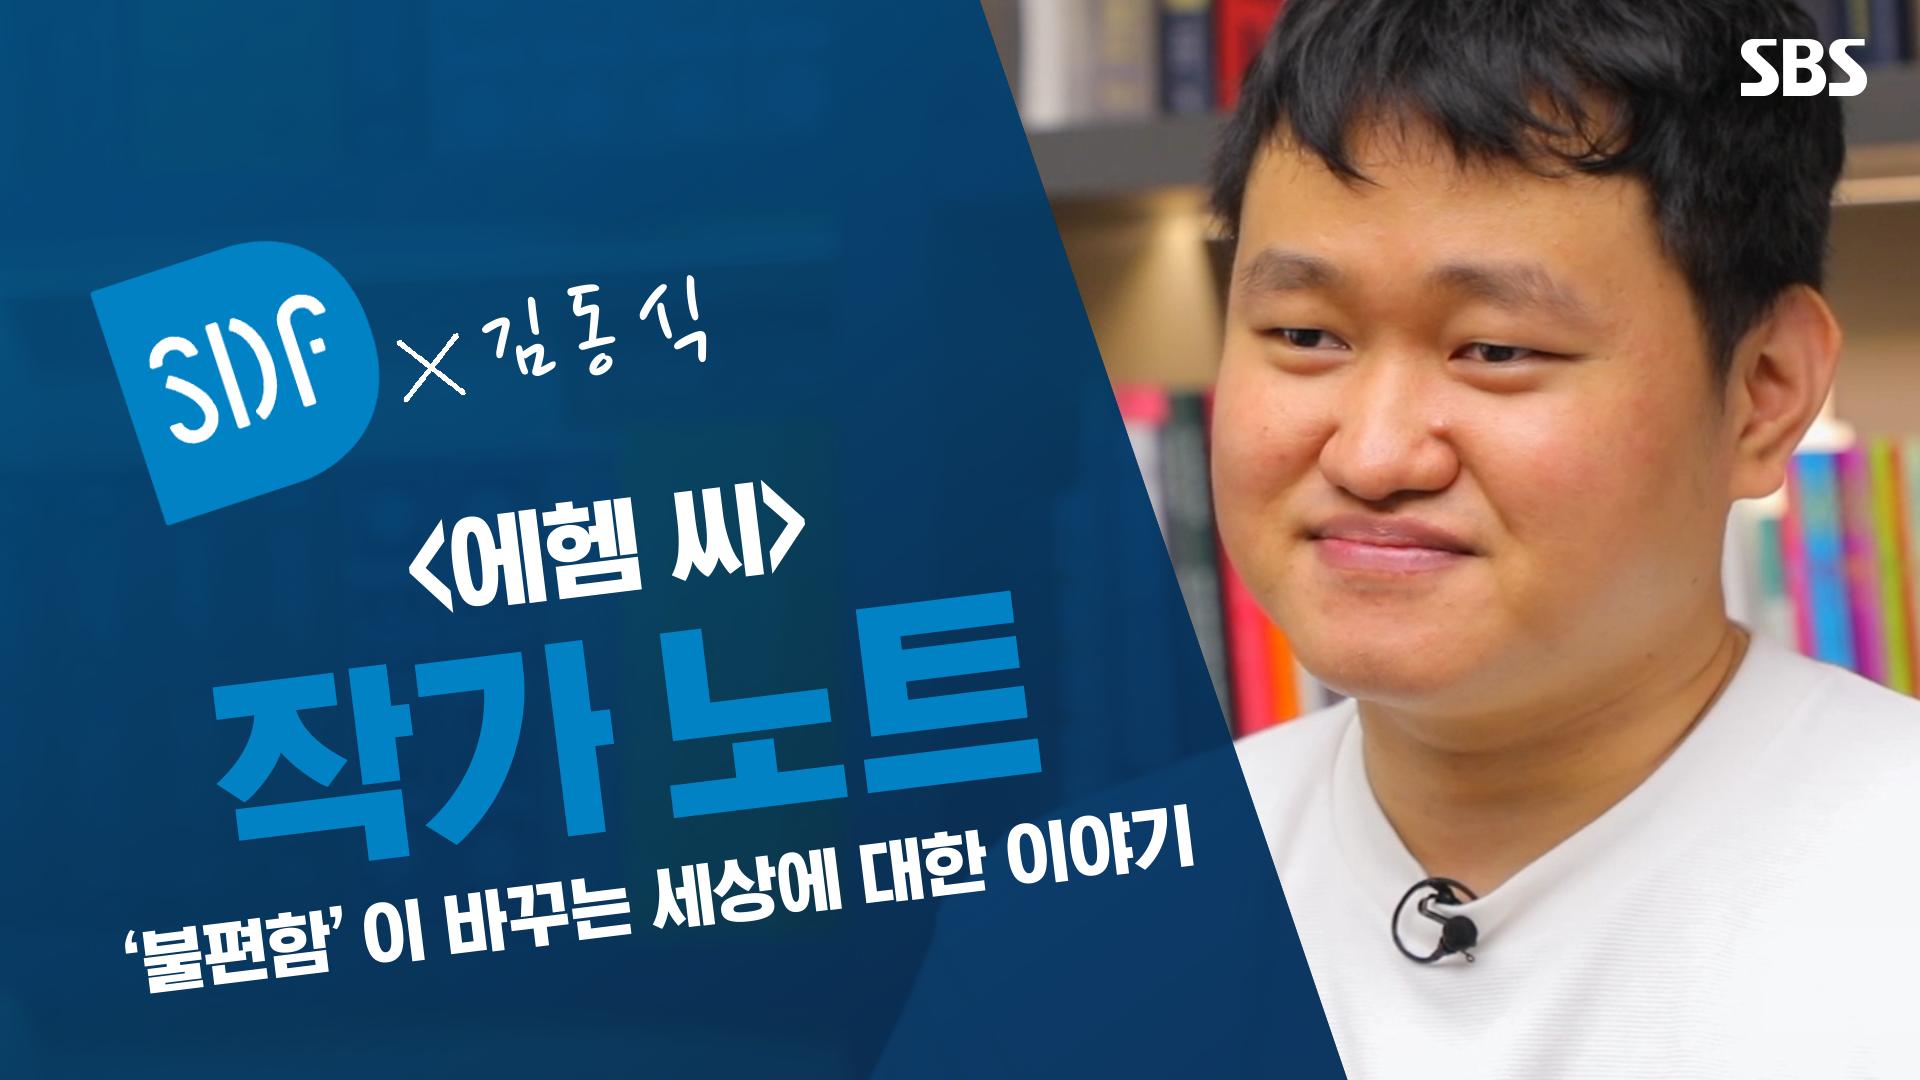 에헴씨 - 작가노트